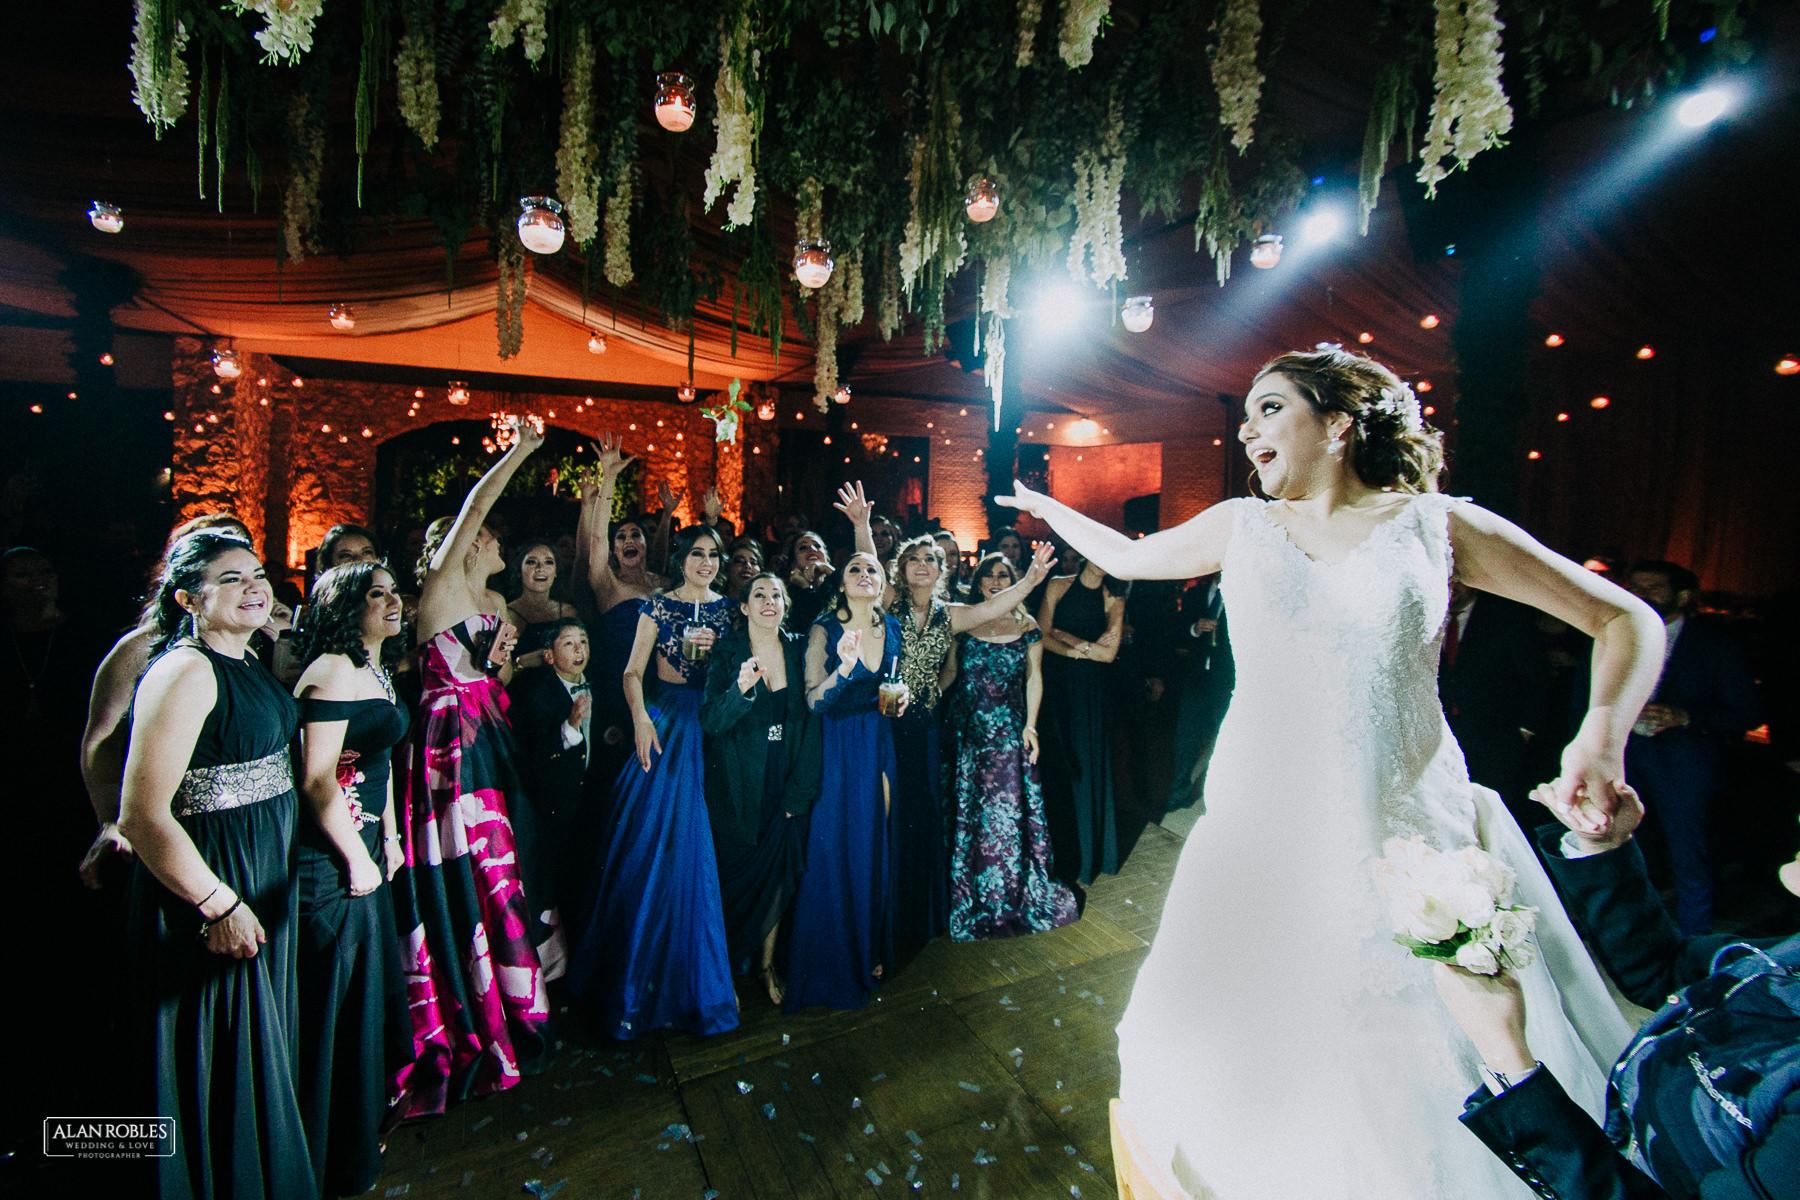 Fotografo de bodas Alan Robles-Casa Clementina Guadalajara DyA-76